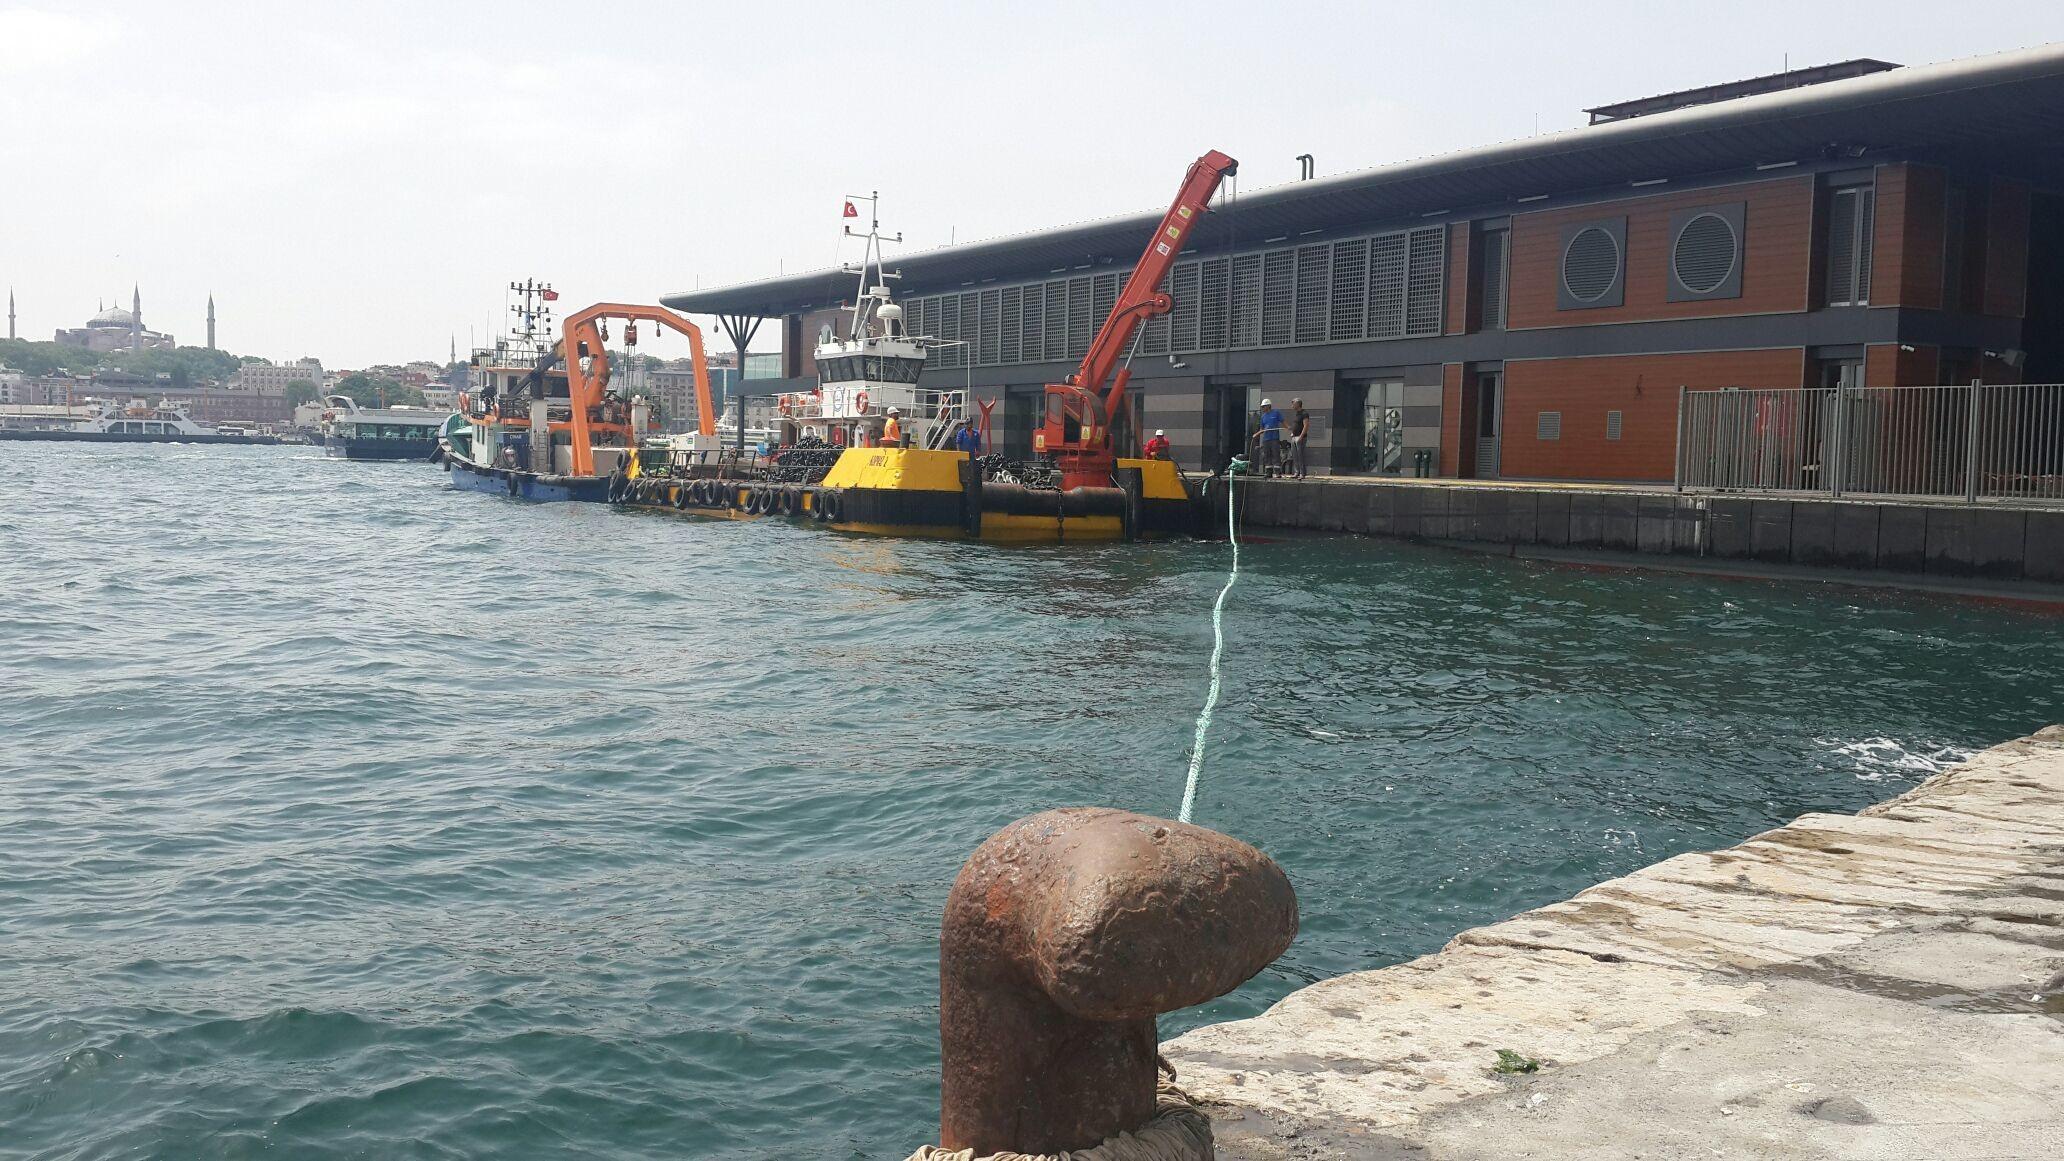 Yeni Karaköy İskelesi, yakında hizmete açılacak. Hayırlı olsun